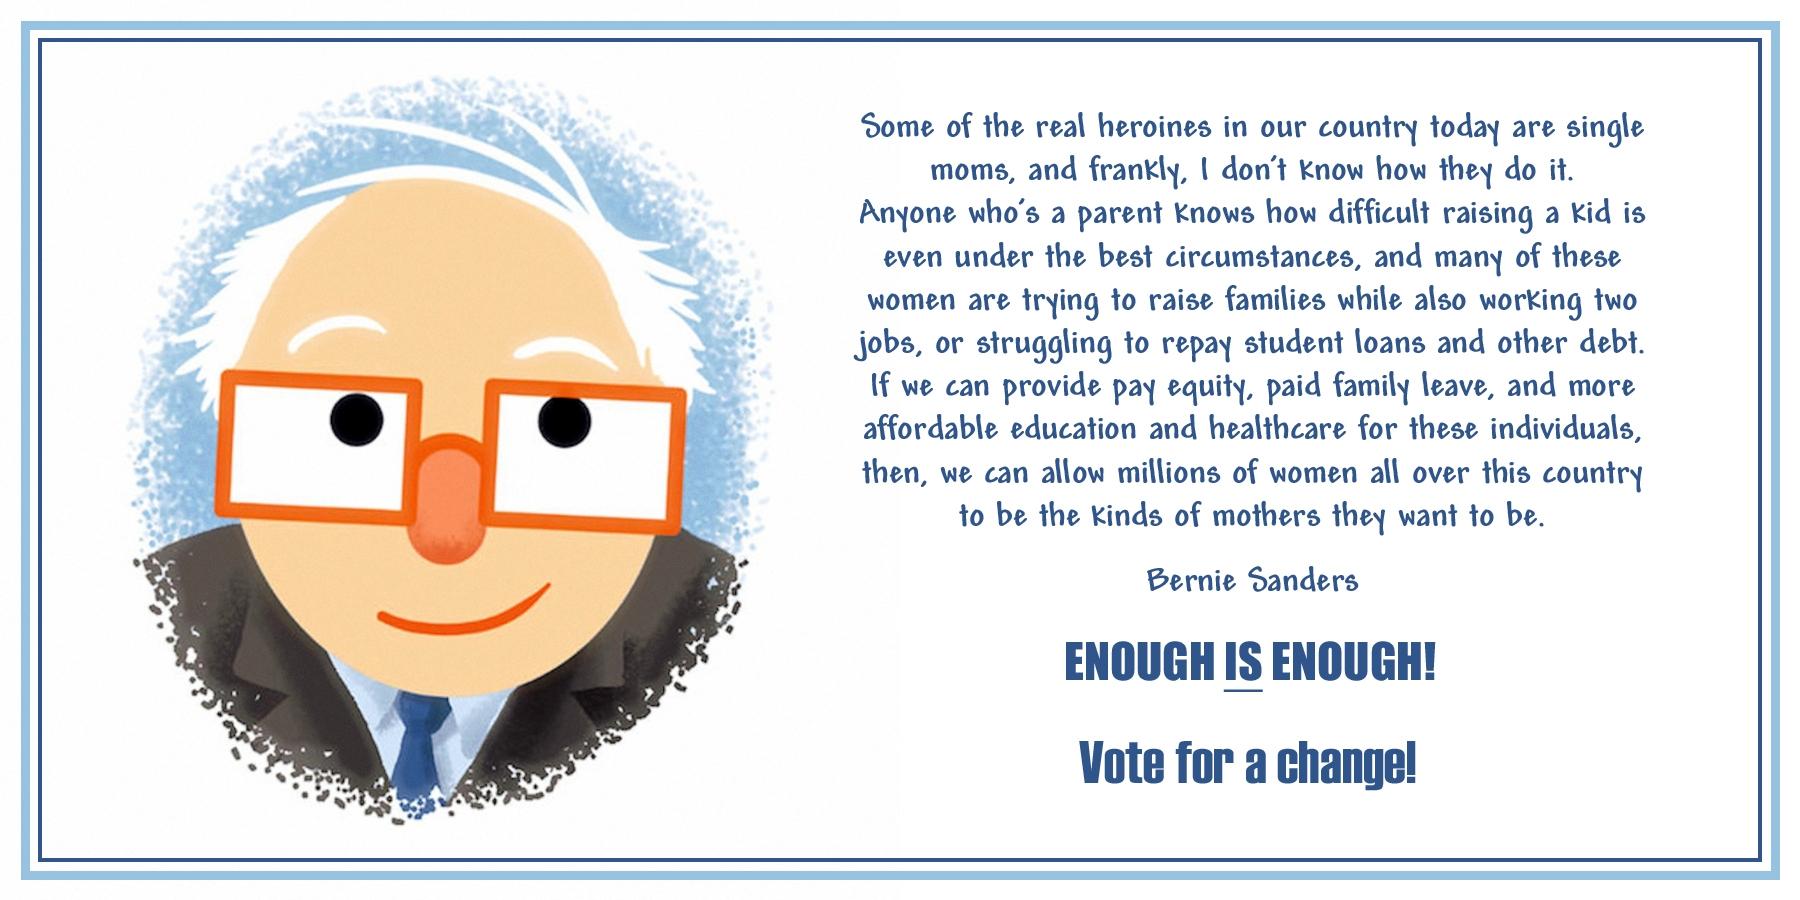 00 Bernie Sanders. Unwed moms. 080516